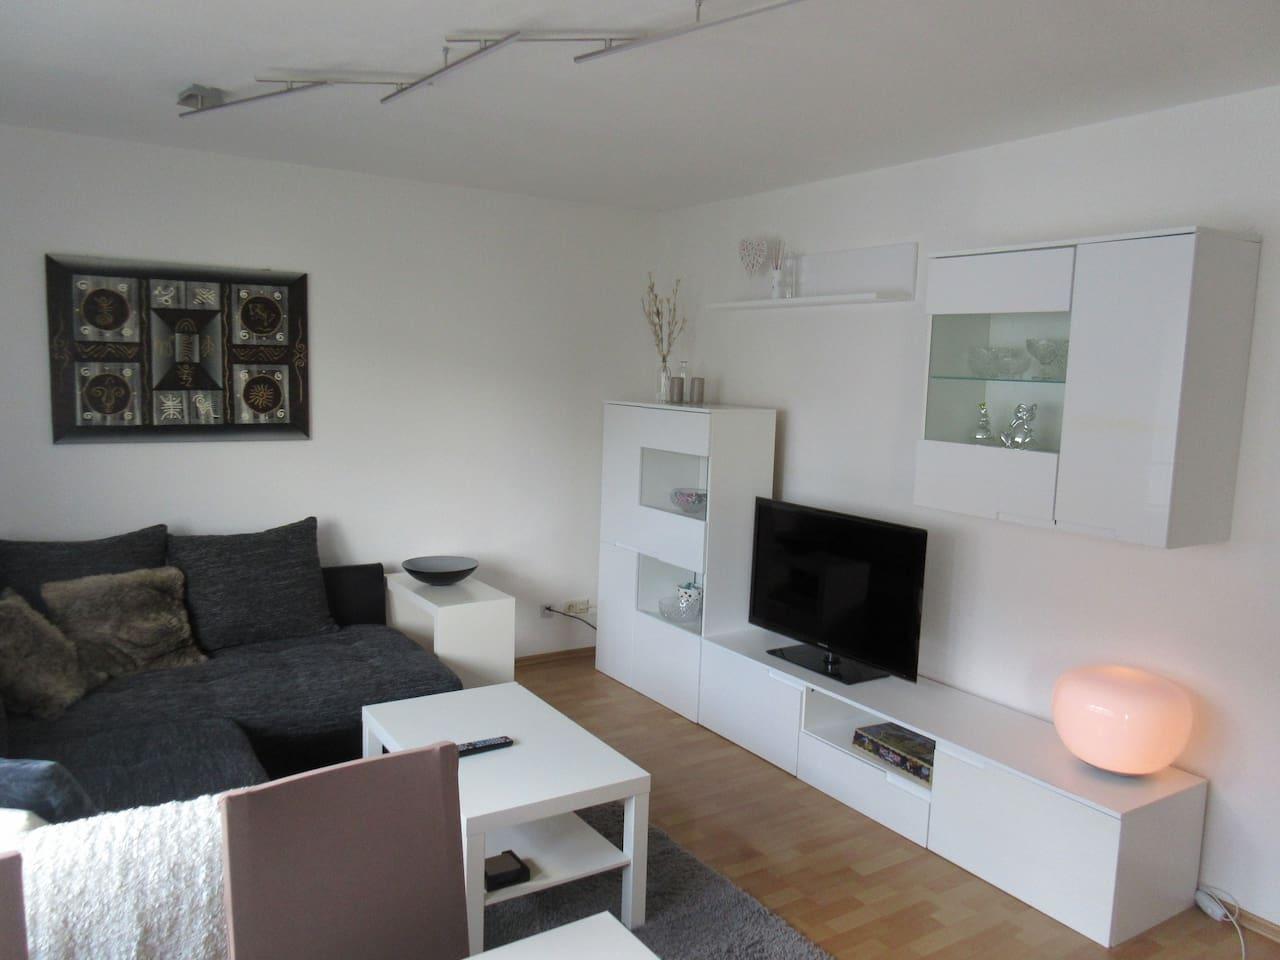 Wirklich hübsche möblierte 2-Zimmerwohnung mit Balkon und Einbauküche